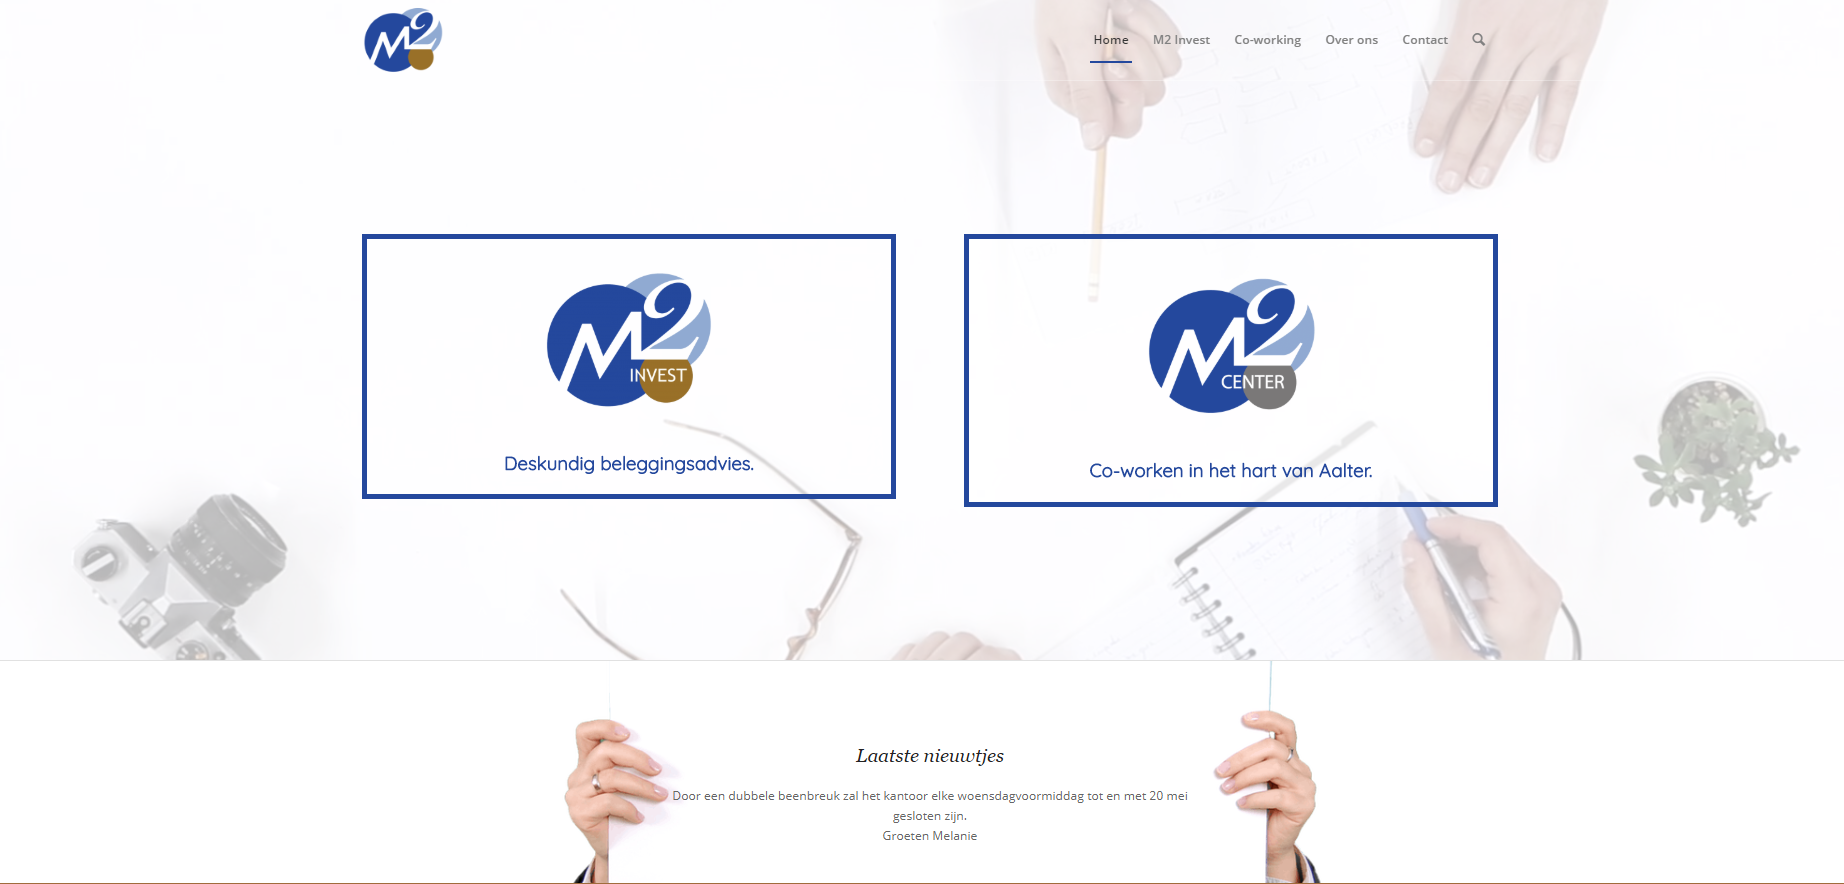 m2invest_portfolio